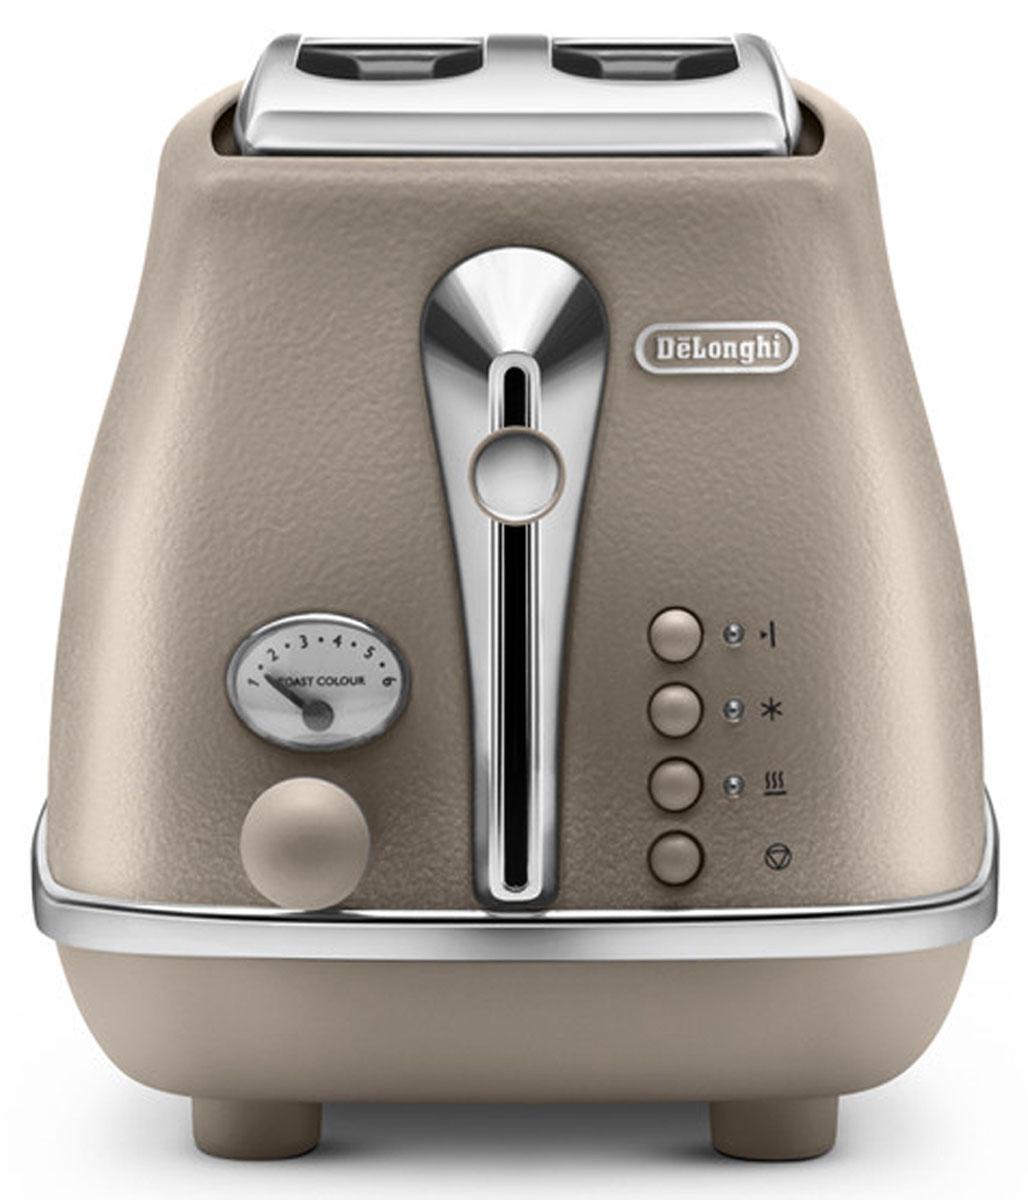 DeLonghi Icona Elements CTOE2103.BG, Beige тостер0230120025Корпус придает внешнему виду тостера DeLonghi CTOE2103 строгость и в то же время особый шик. Хромированная отделка смотрится оригинально и гармонично. Кнопки управления имеют неоновую подсветку, так что в темное время суток вы без проблем сможете им управлять. Тостер выполнен в классическом стиле, который придется по душе людям с изысканным вкусом.Тостер DeLonghi CTOE2103 делает хрустящие гренки благодаря инфракрасному излучению от спиралей, находящихся внутри корпуса. Прибор работает на мощности 900 Вт, что делает его работу быстрой и результативной. Горячие тосты будут готовы всего за несколько минут. С первого взгляда может показаться, что тостер - это простое устройство лишь для поджаривания ломтиков хлеба. Но это не так! Функциональные возможности прибора намного шире. Функция подогрева пригодится вам для остывших тостов. Функция размораживания - для хлеба из морозильной камеры. Функция односторонний подогрев дает возможность и разогреть уже готовые хлебцы, и сделать поджаривание тоста лишь с одной стороны. Функция отмены позволяет закончить работу тостера в любой момент, когда вы посчитаете нужным. Цена тостера довольно приемлема, учитывая, что вы приобретаете устройство, в котором так много различных дополнительных возможностей.Вы можете оценить выбор степени прожарки тостов из шести вариантов. Слегка подрумяненный или максимально прожаренный хлеб - вы можете выбрать степень нагрева легким поворотом ручки управления. Благодаря этой функциональной особенность решается вопрос разных вкусовых предпочтений. Ведь теперь каждый член вашей семьи может приготовить тост по своему вкусу.